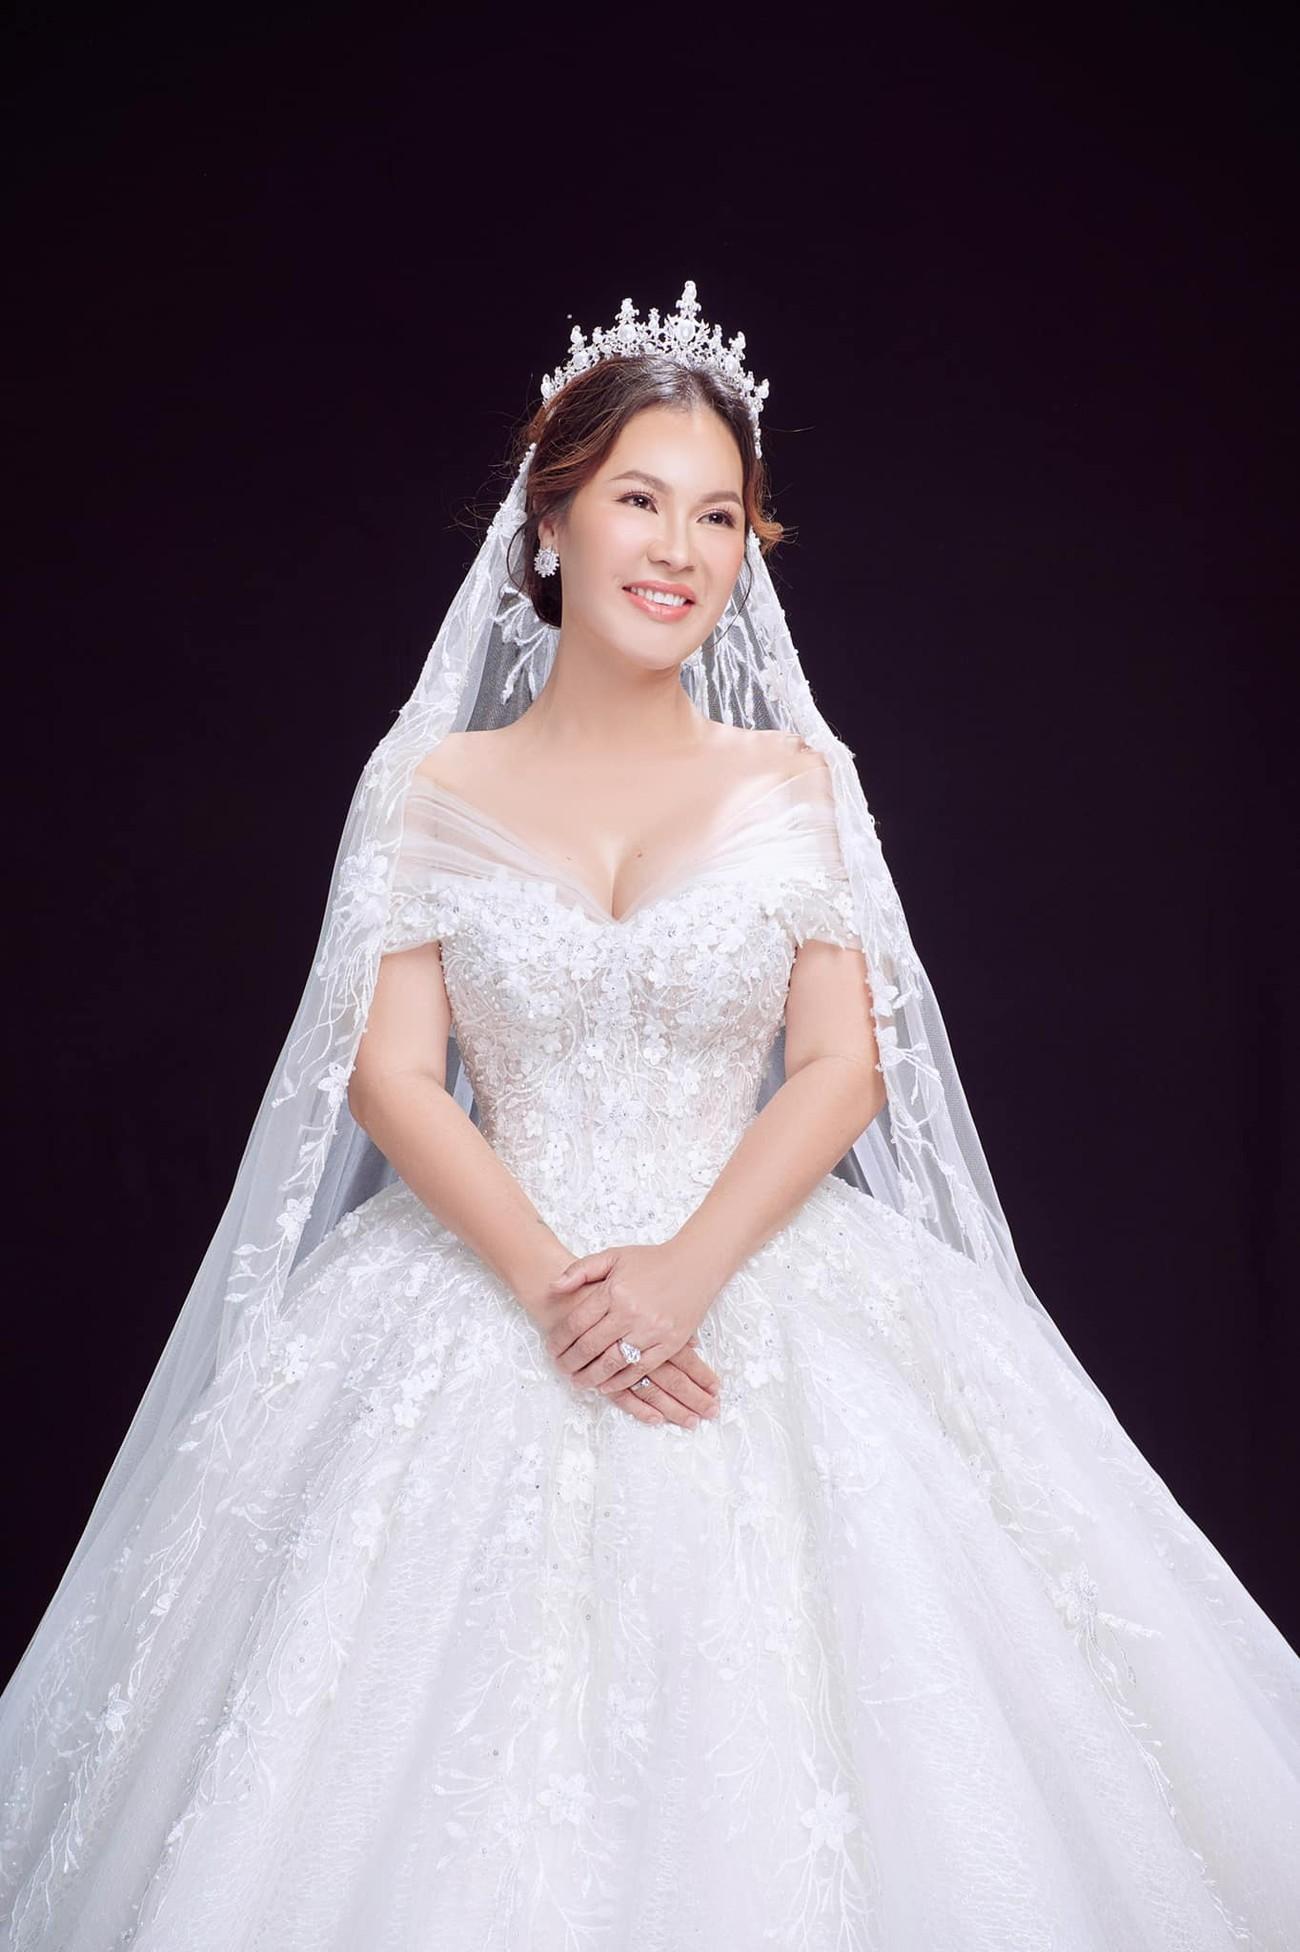 Hé lộ thêm ảnh cưới của Quý Bình, vợ doanh nhân cực trẻ trung và xinh đẹp ảnh 6